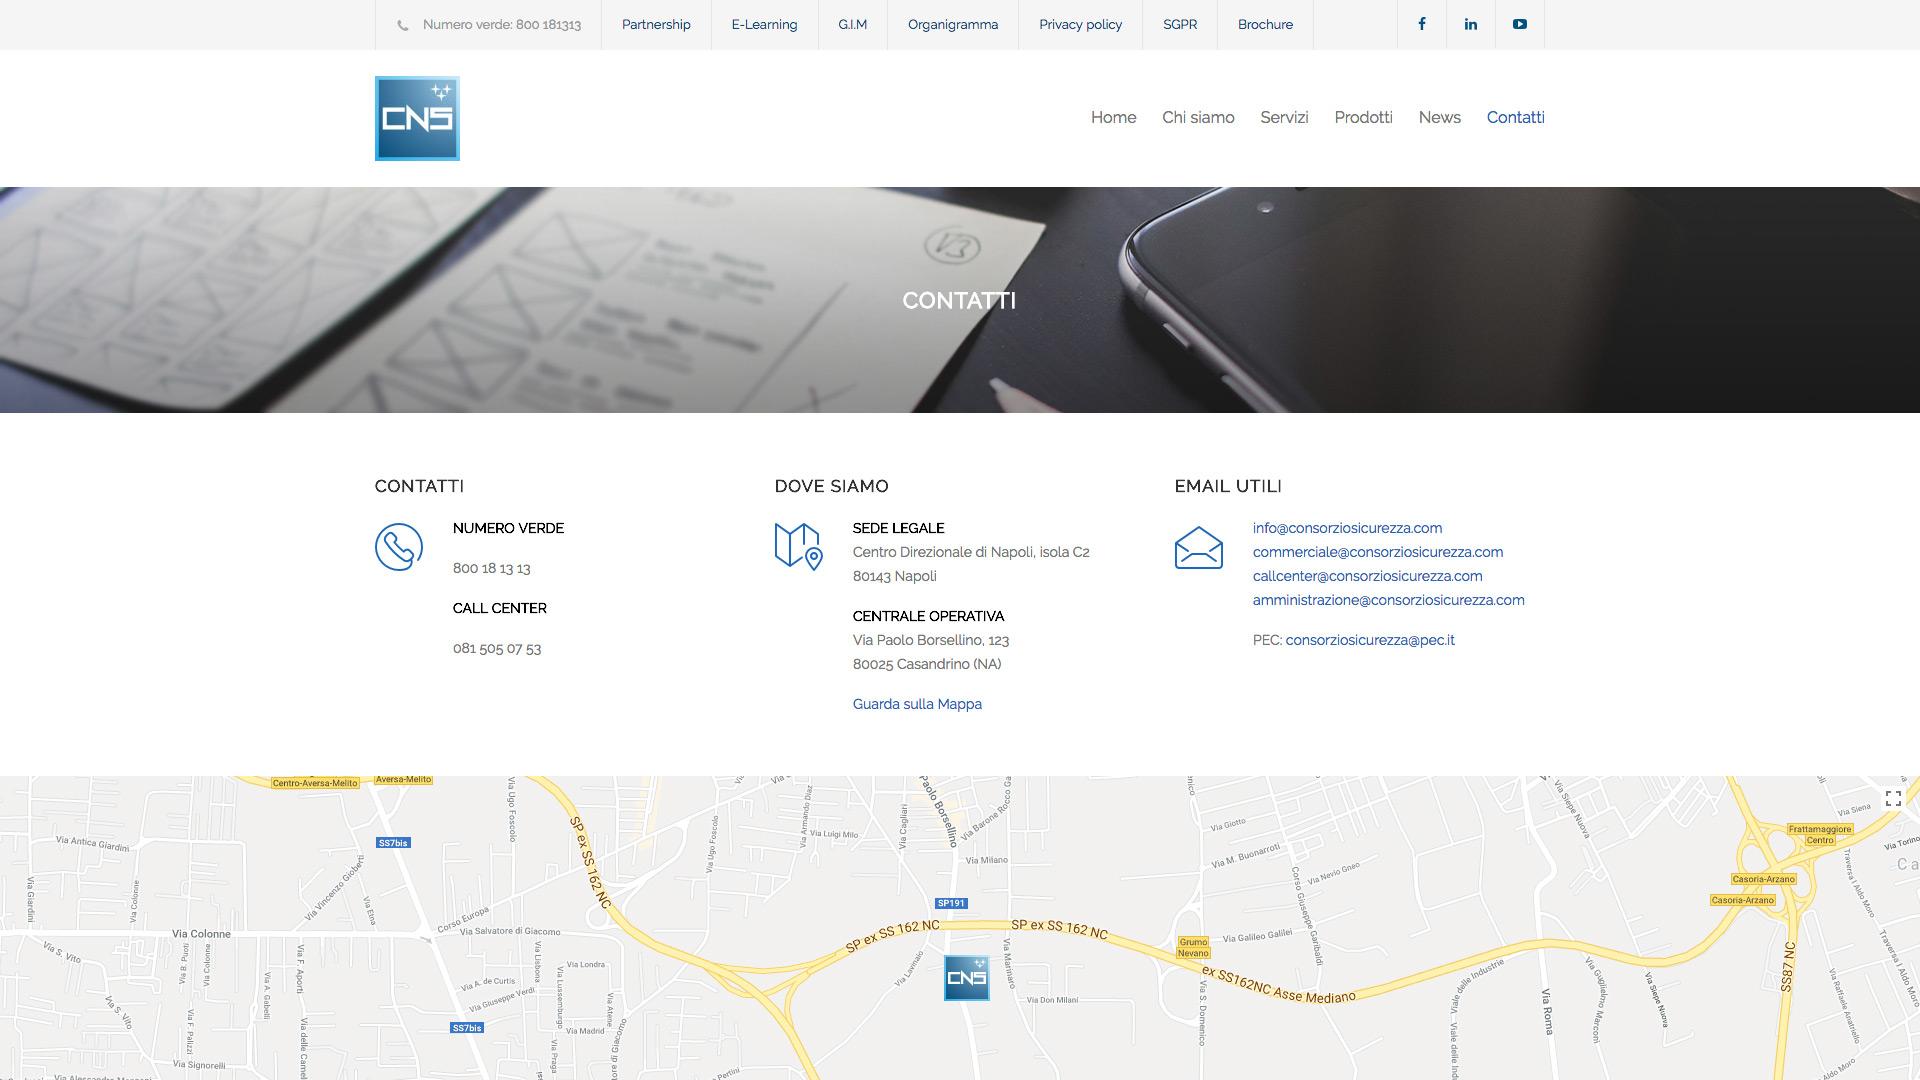 agenzia-comunicazione-napoli-roberto-guariglia-advertising-portfolio-work-industry-consorzio-nazionale-sicurezza-impianti-tecnologici-sicurezza-bancaria-2-1.jpg